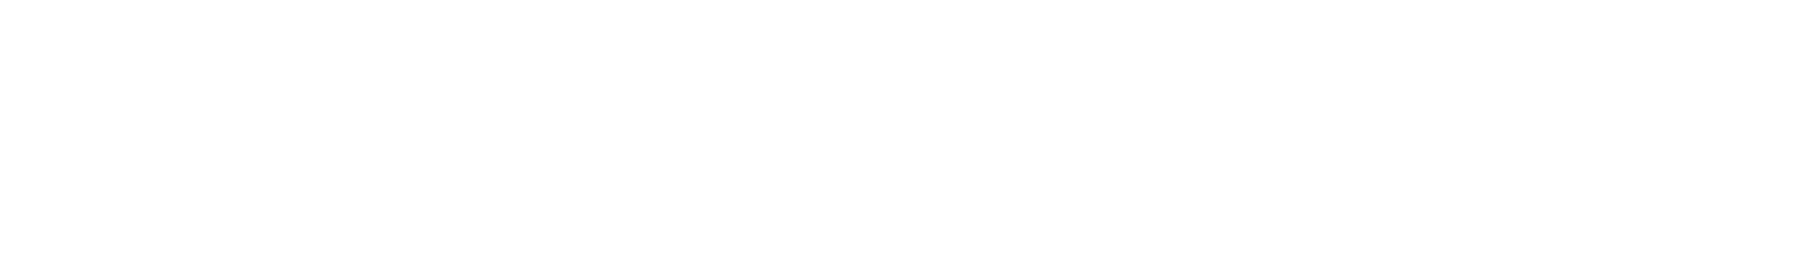 pth bass 13